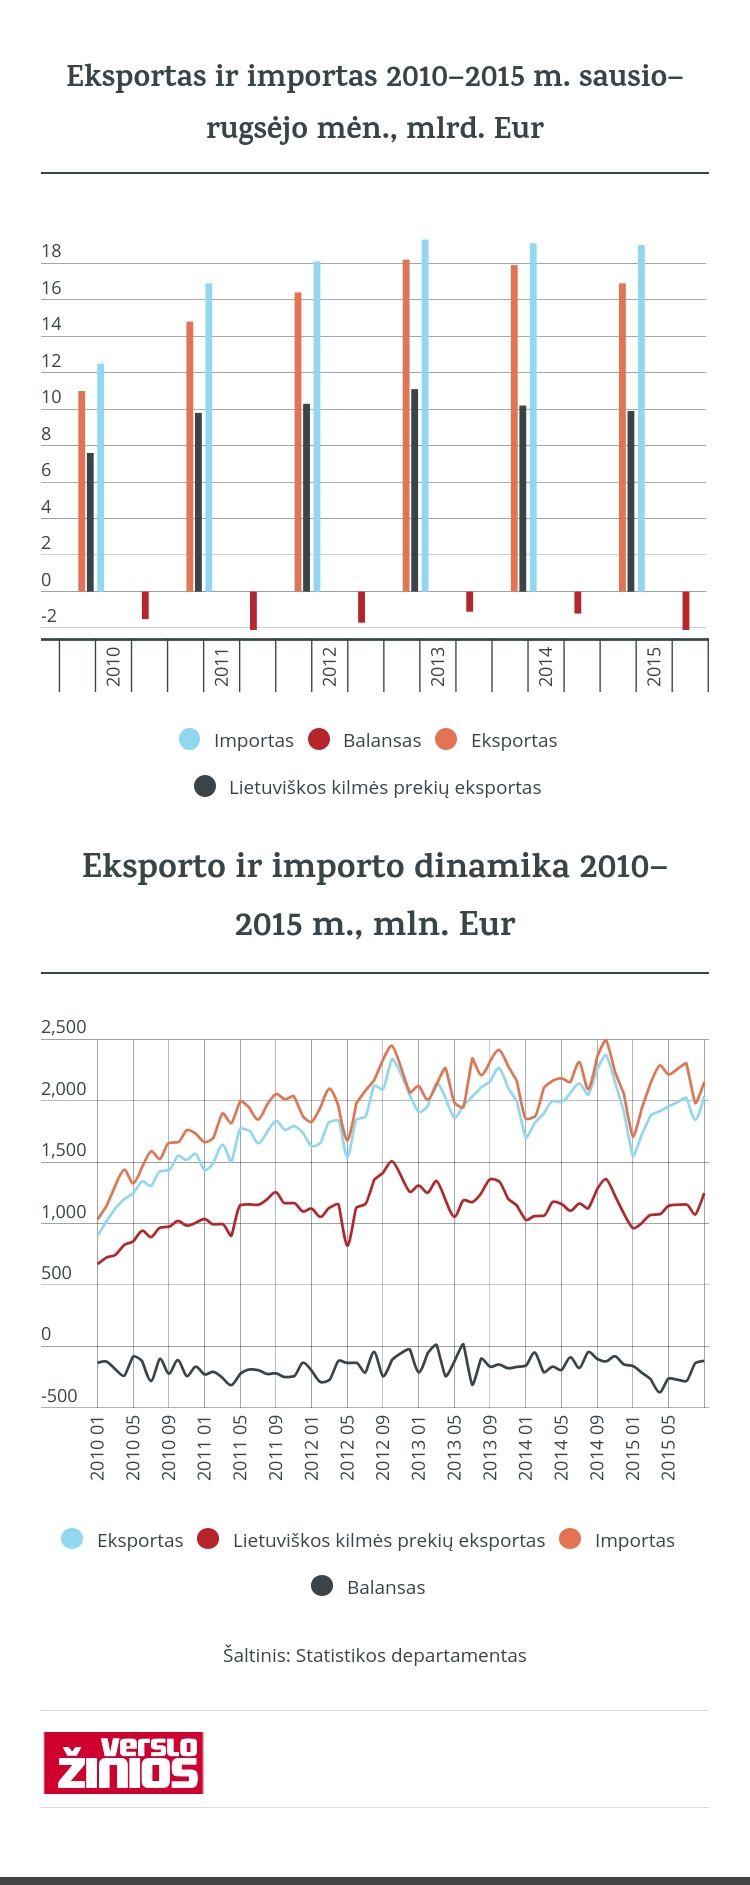 Pagrindine eksporto kryptimi i�lieka Rusija